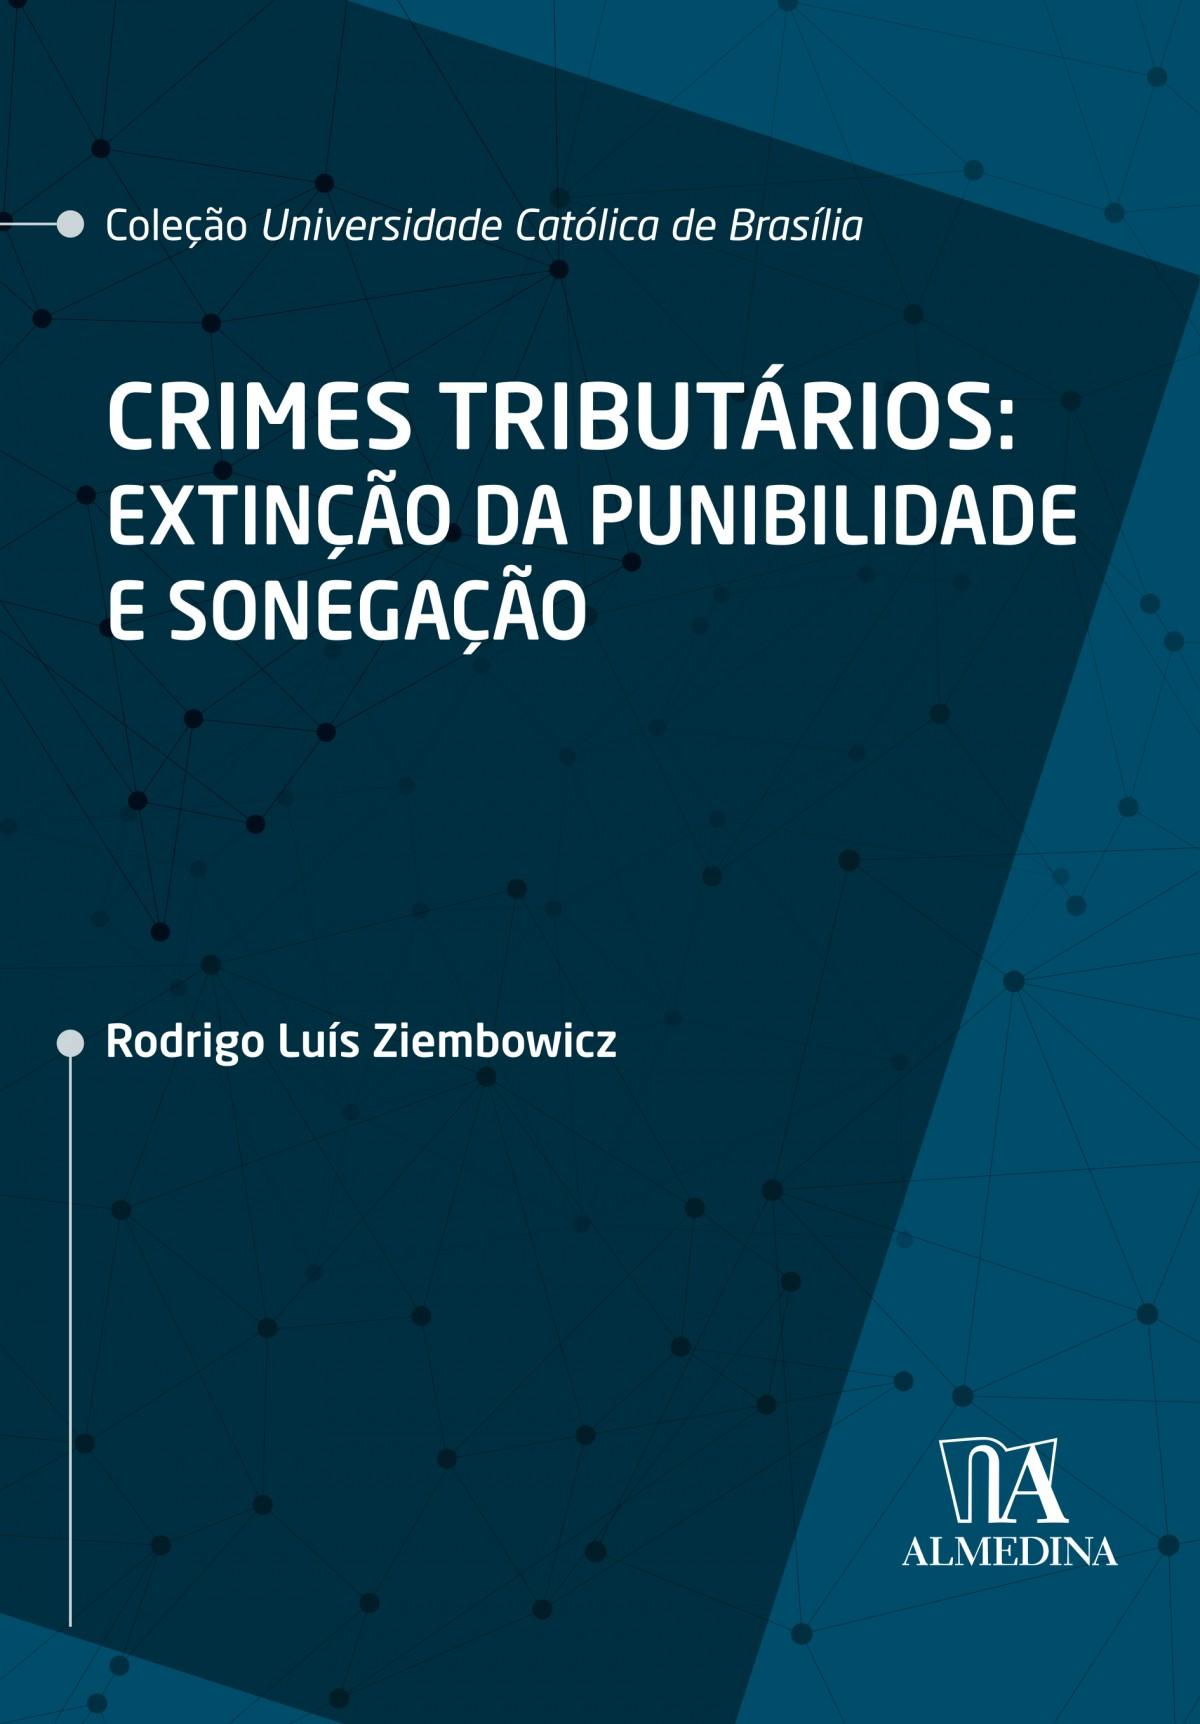 Foto 1 - Crimes Tributários - Extinção da Punibilidade e Sonegação